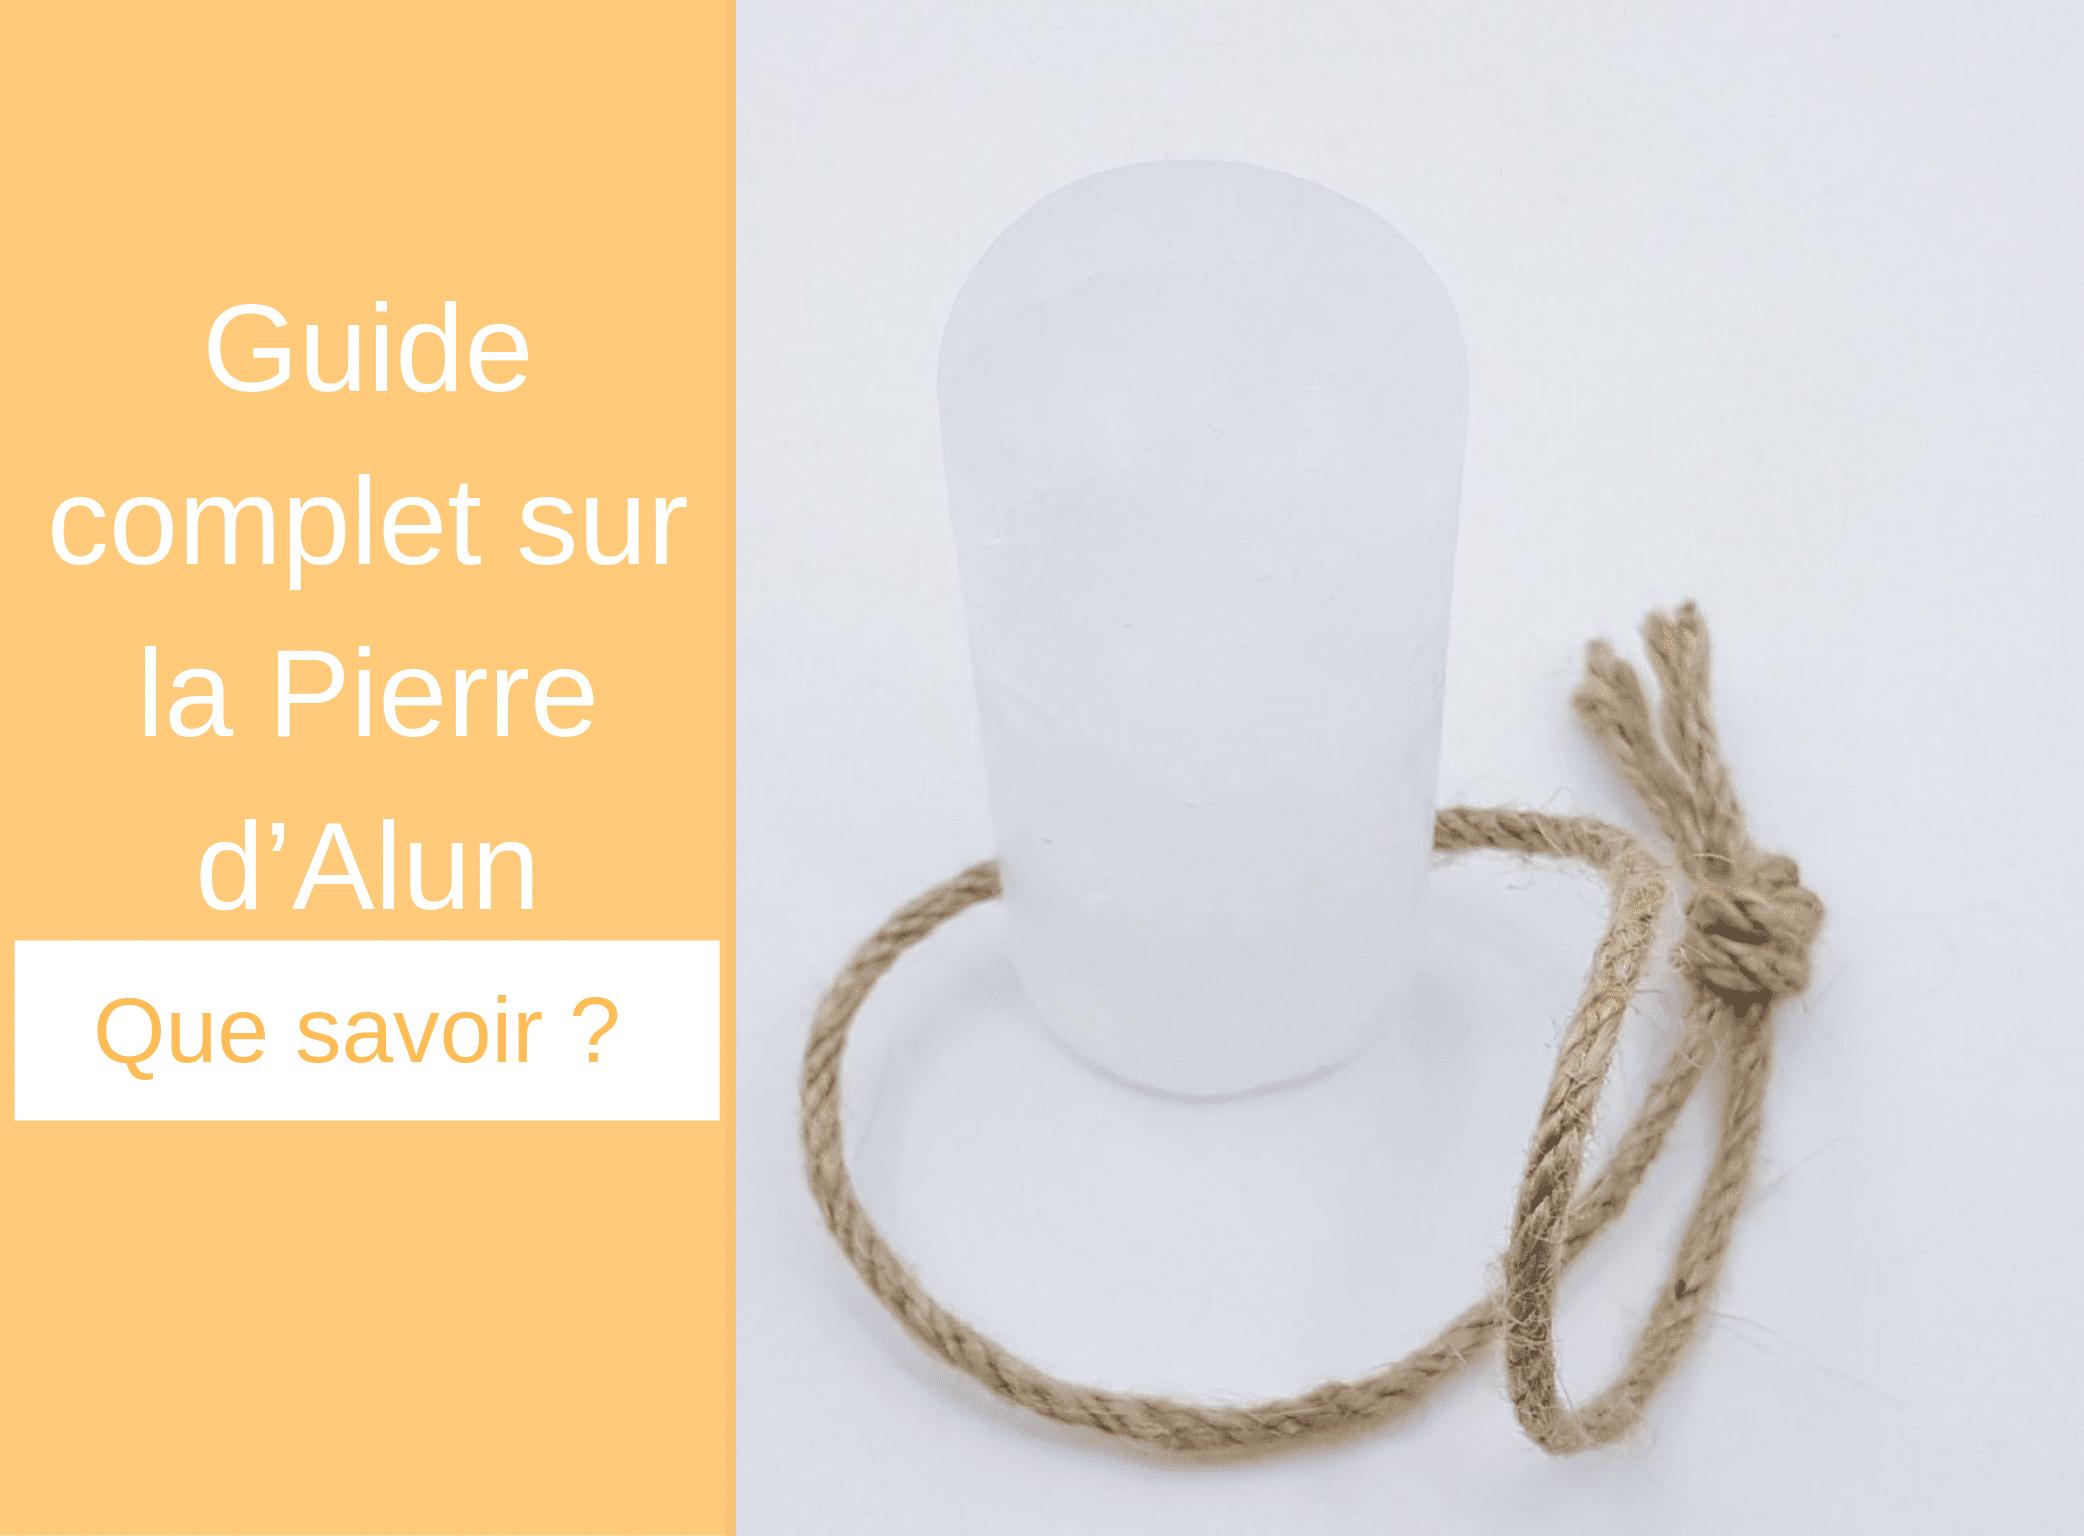 Guide complet sur la Pierre d'Alun - Que savoir ?